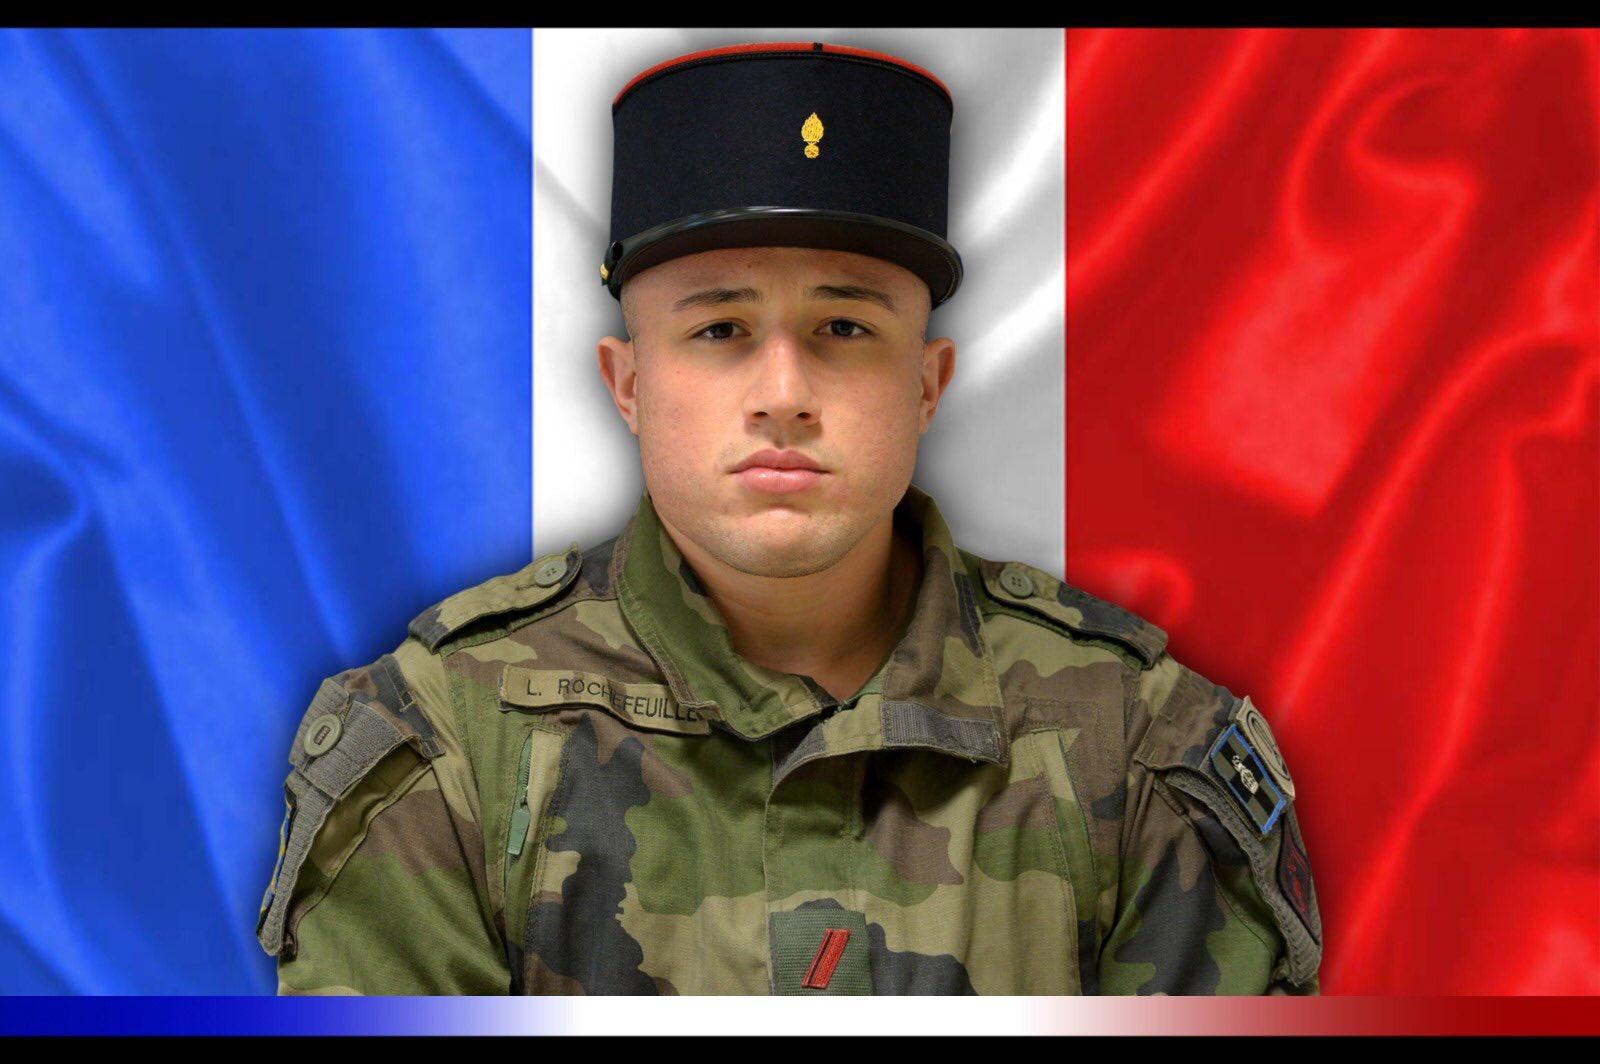 Mayotte : Un soldat réunionnais de 22 ans décède lors d'un entraînement